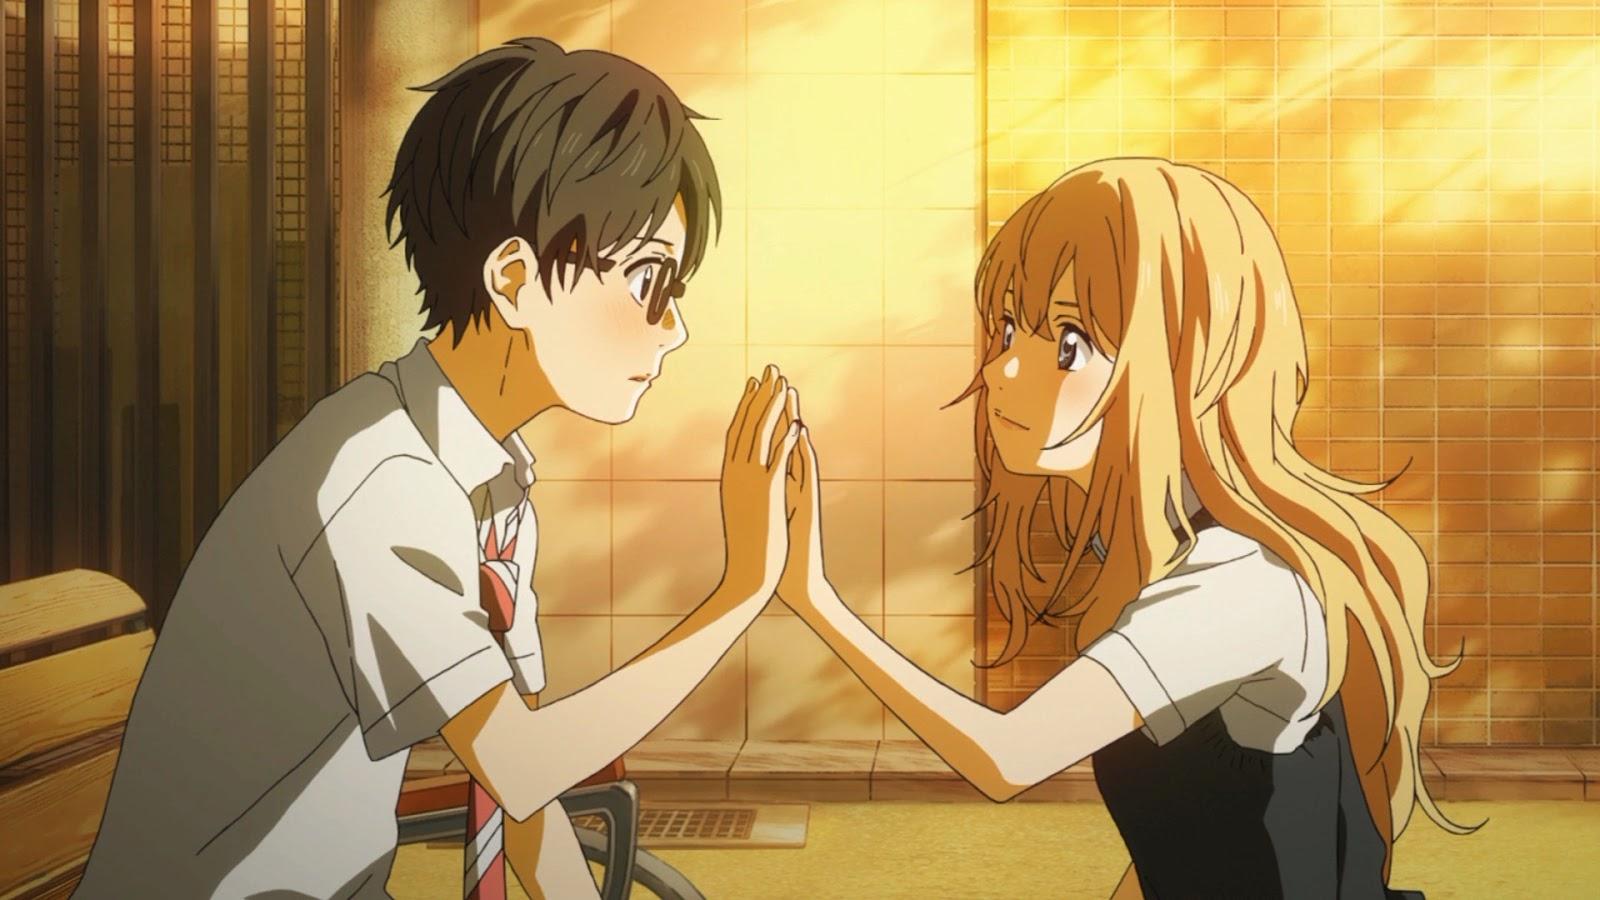 Shigatsu Wa Kimi No Uso Adalah Anime Romance Terbaik Tahun 2014 Bahwa Pengarang One Piece Oda Sensei Memuji Manga Dari Ini Yang Disuguhkan Dengan